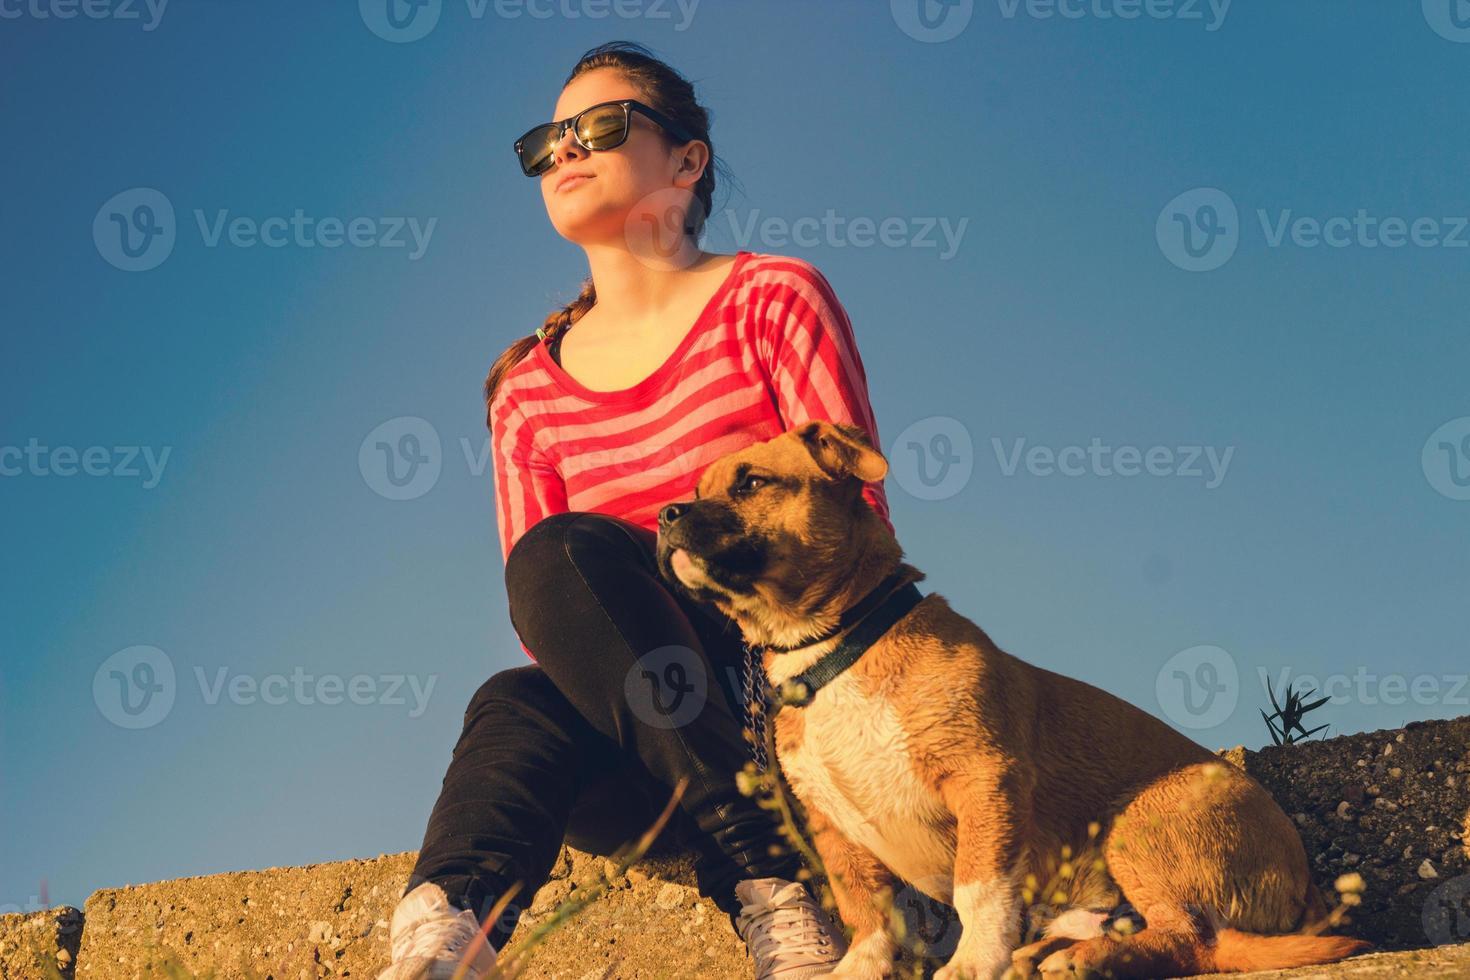 vrouw met een schattige hond genieten van een mooie dag buiten foto